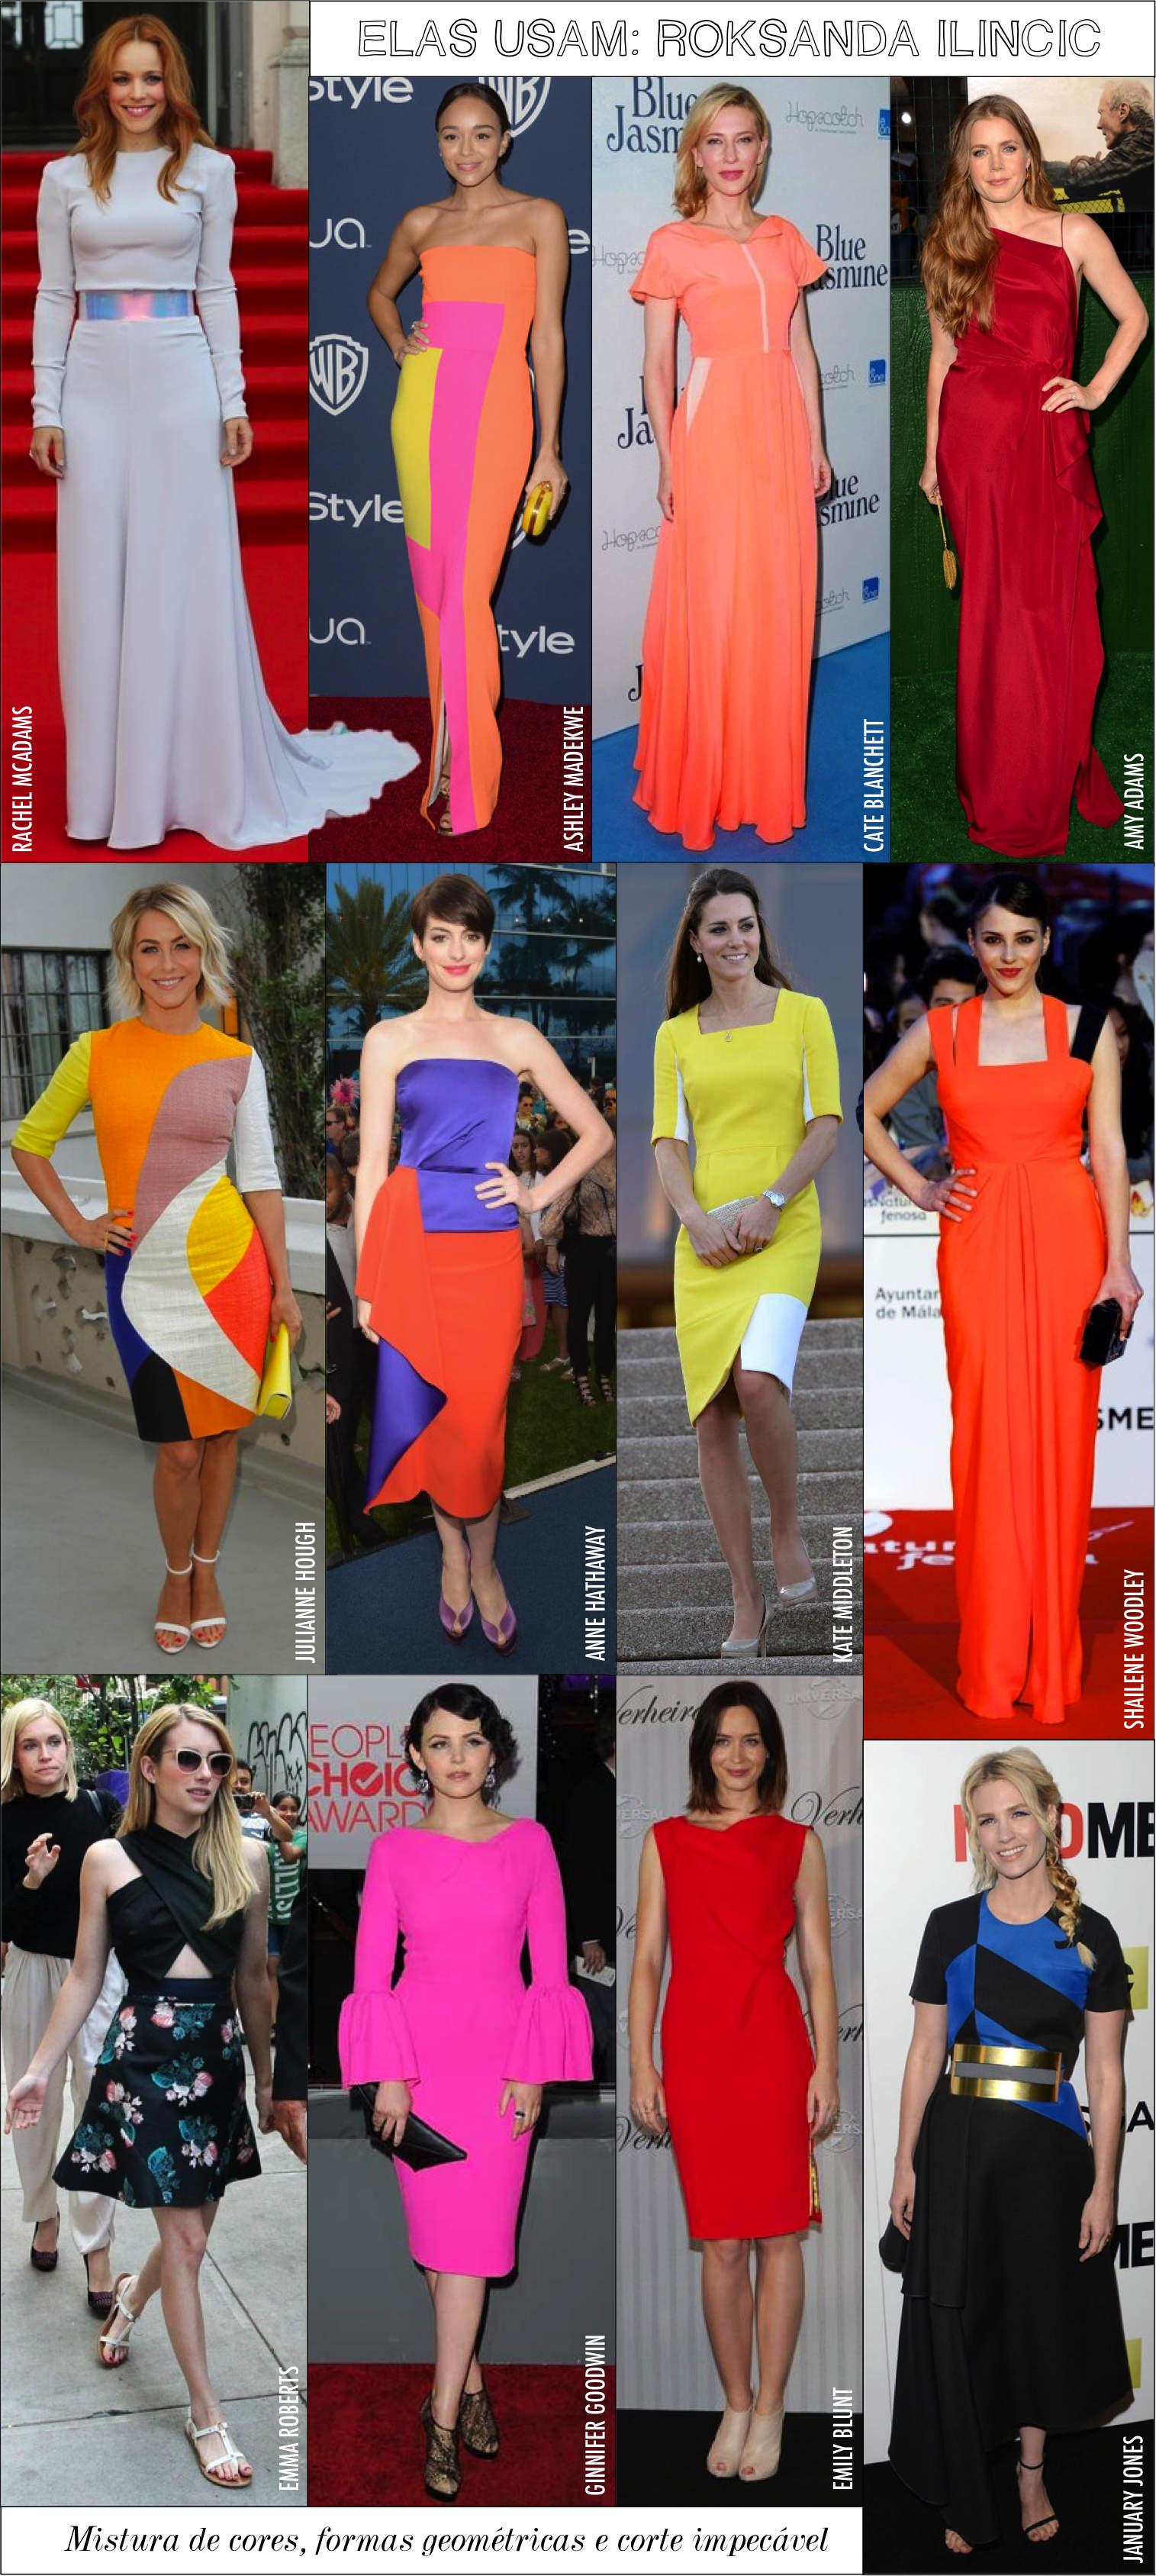 roksanda-ilincic-fashion-designer